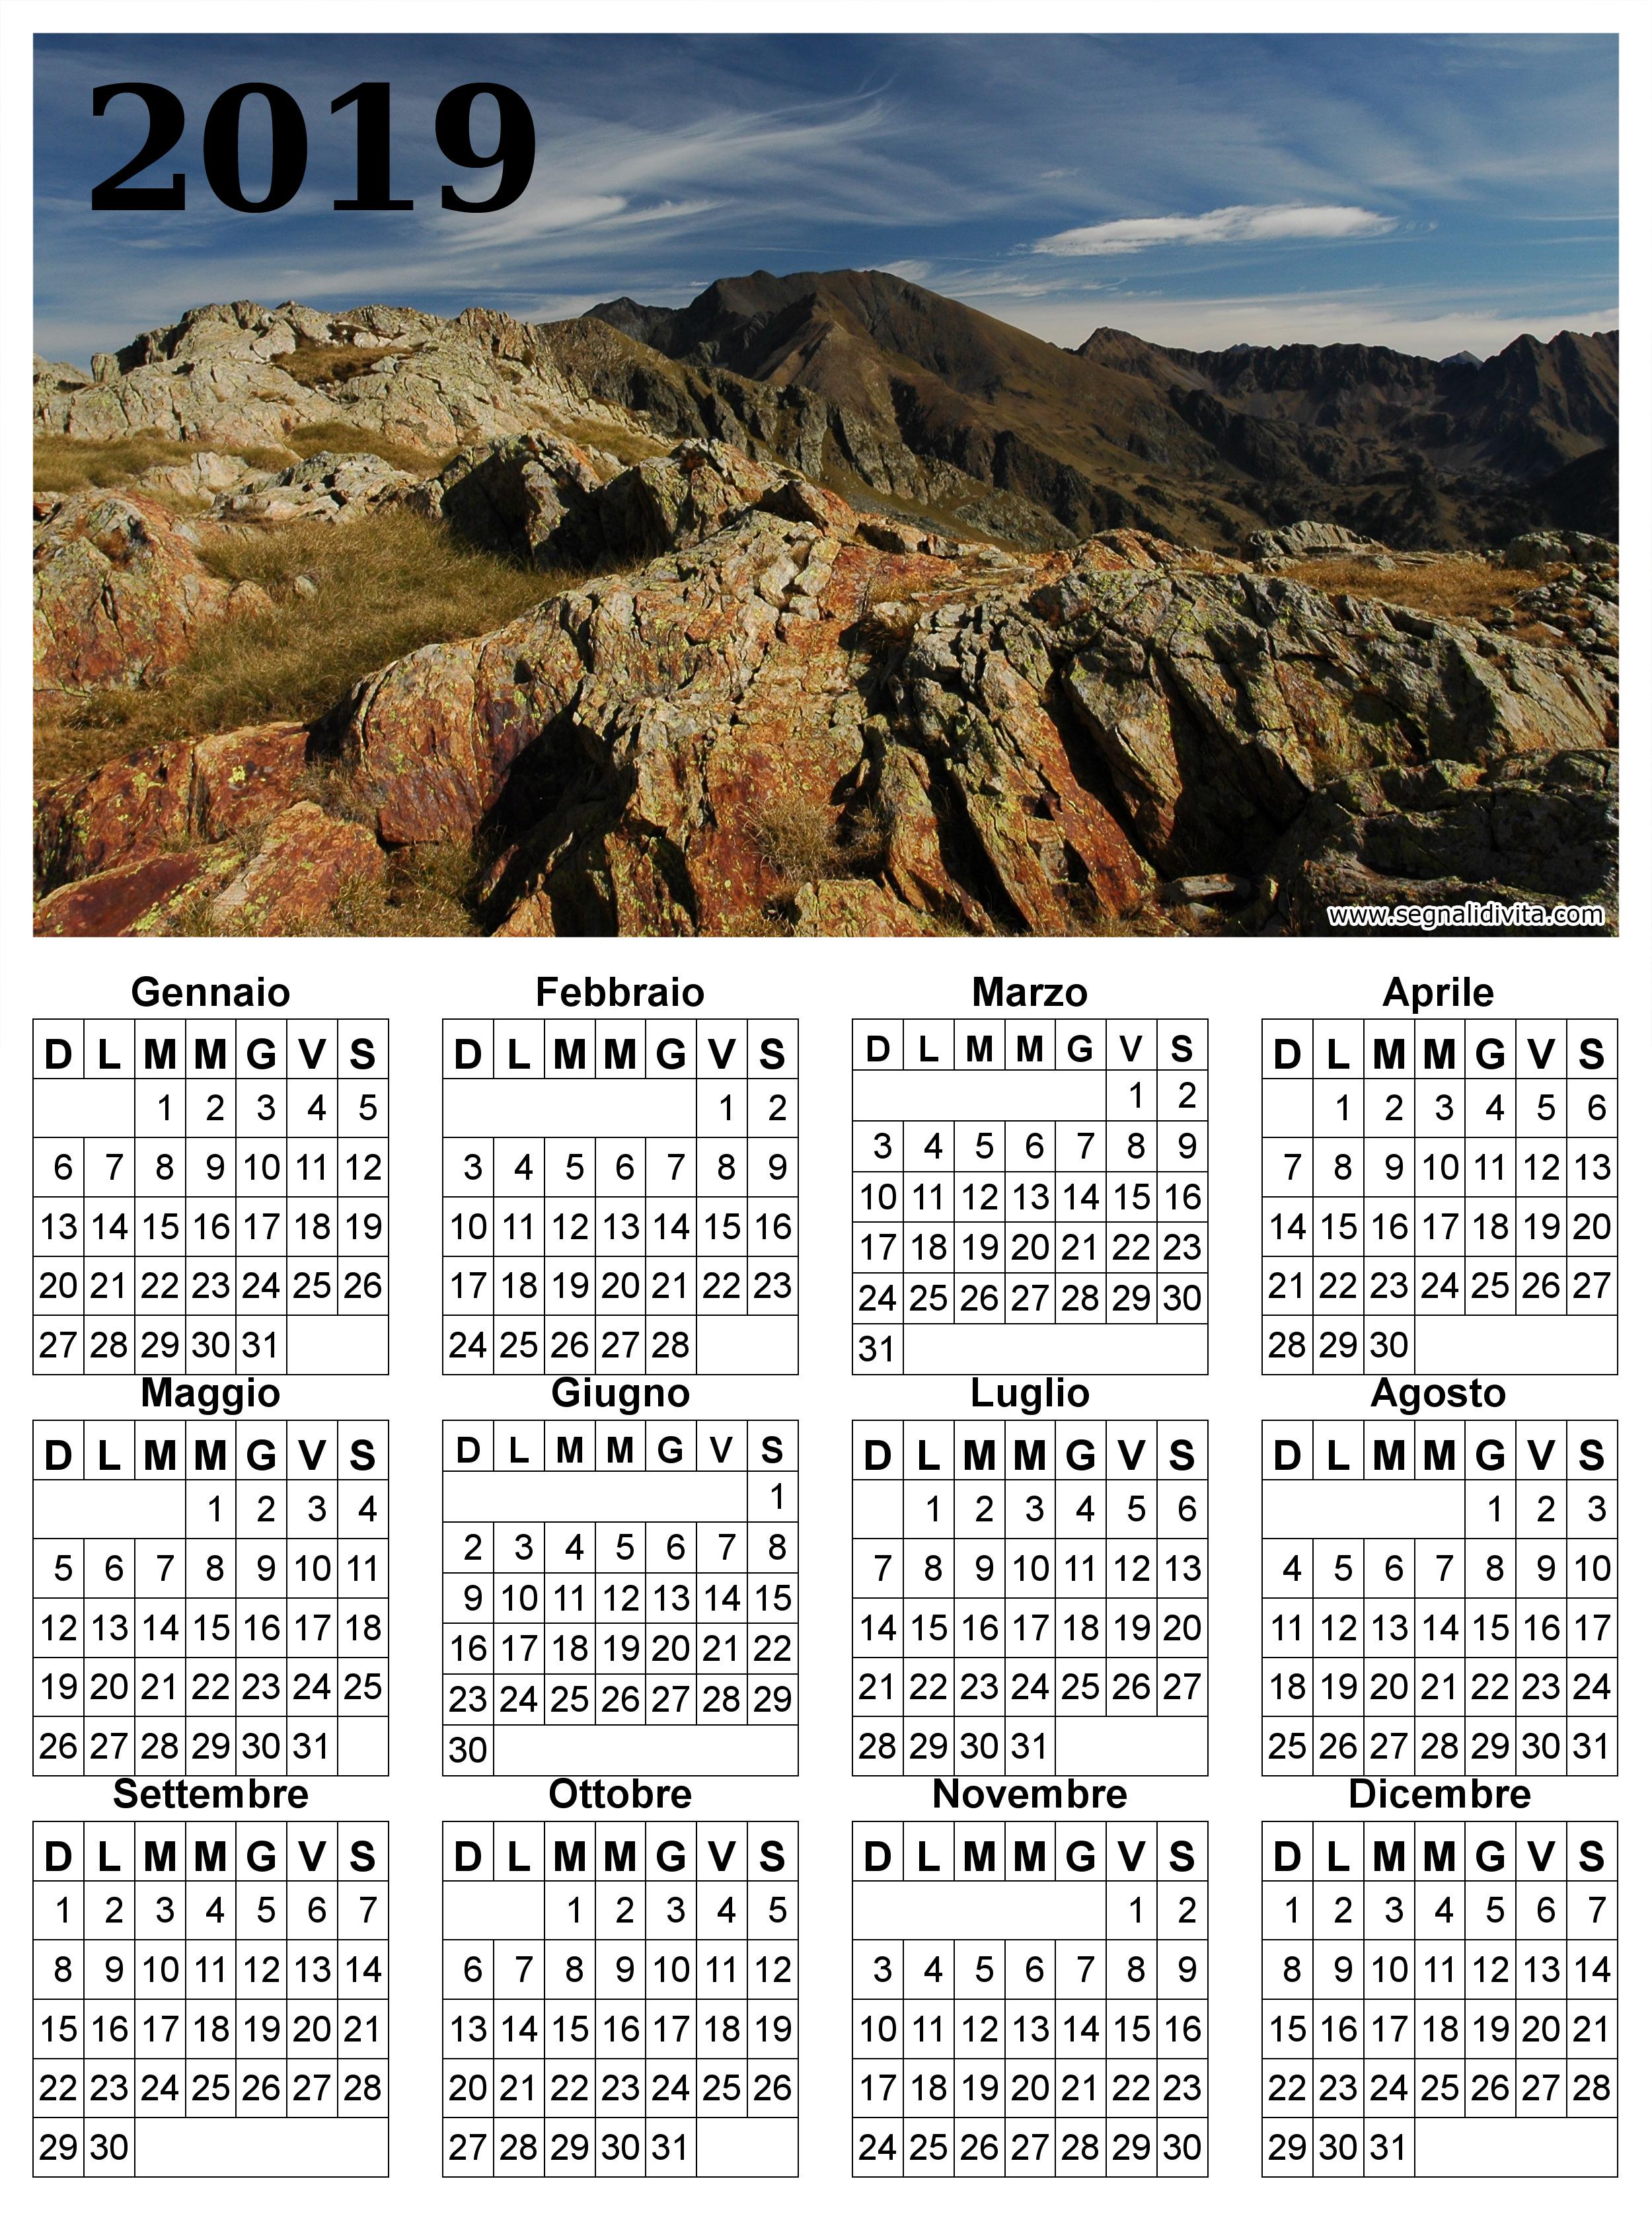 Calendario montagna del 2019